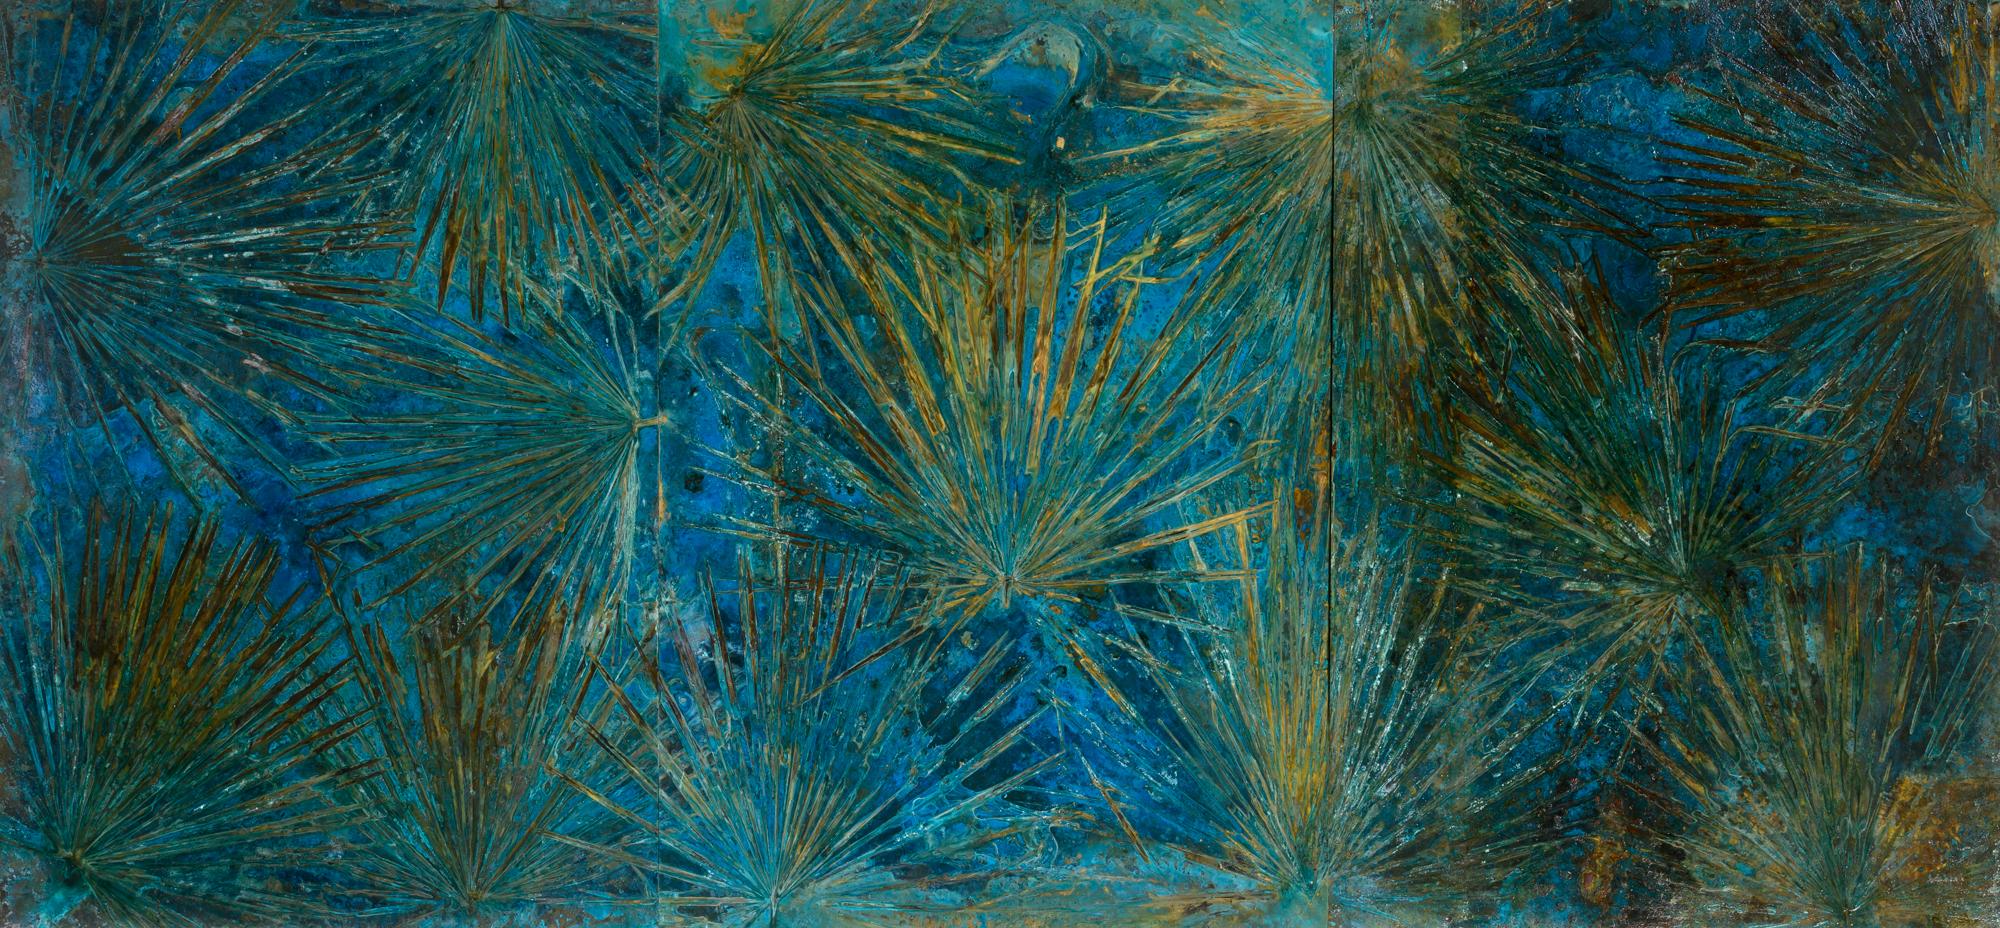 Serenoa Repens # 2, 140 cm x 300 cm